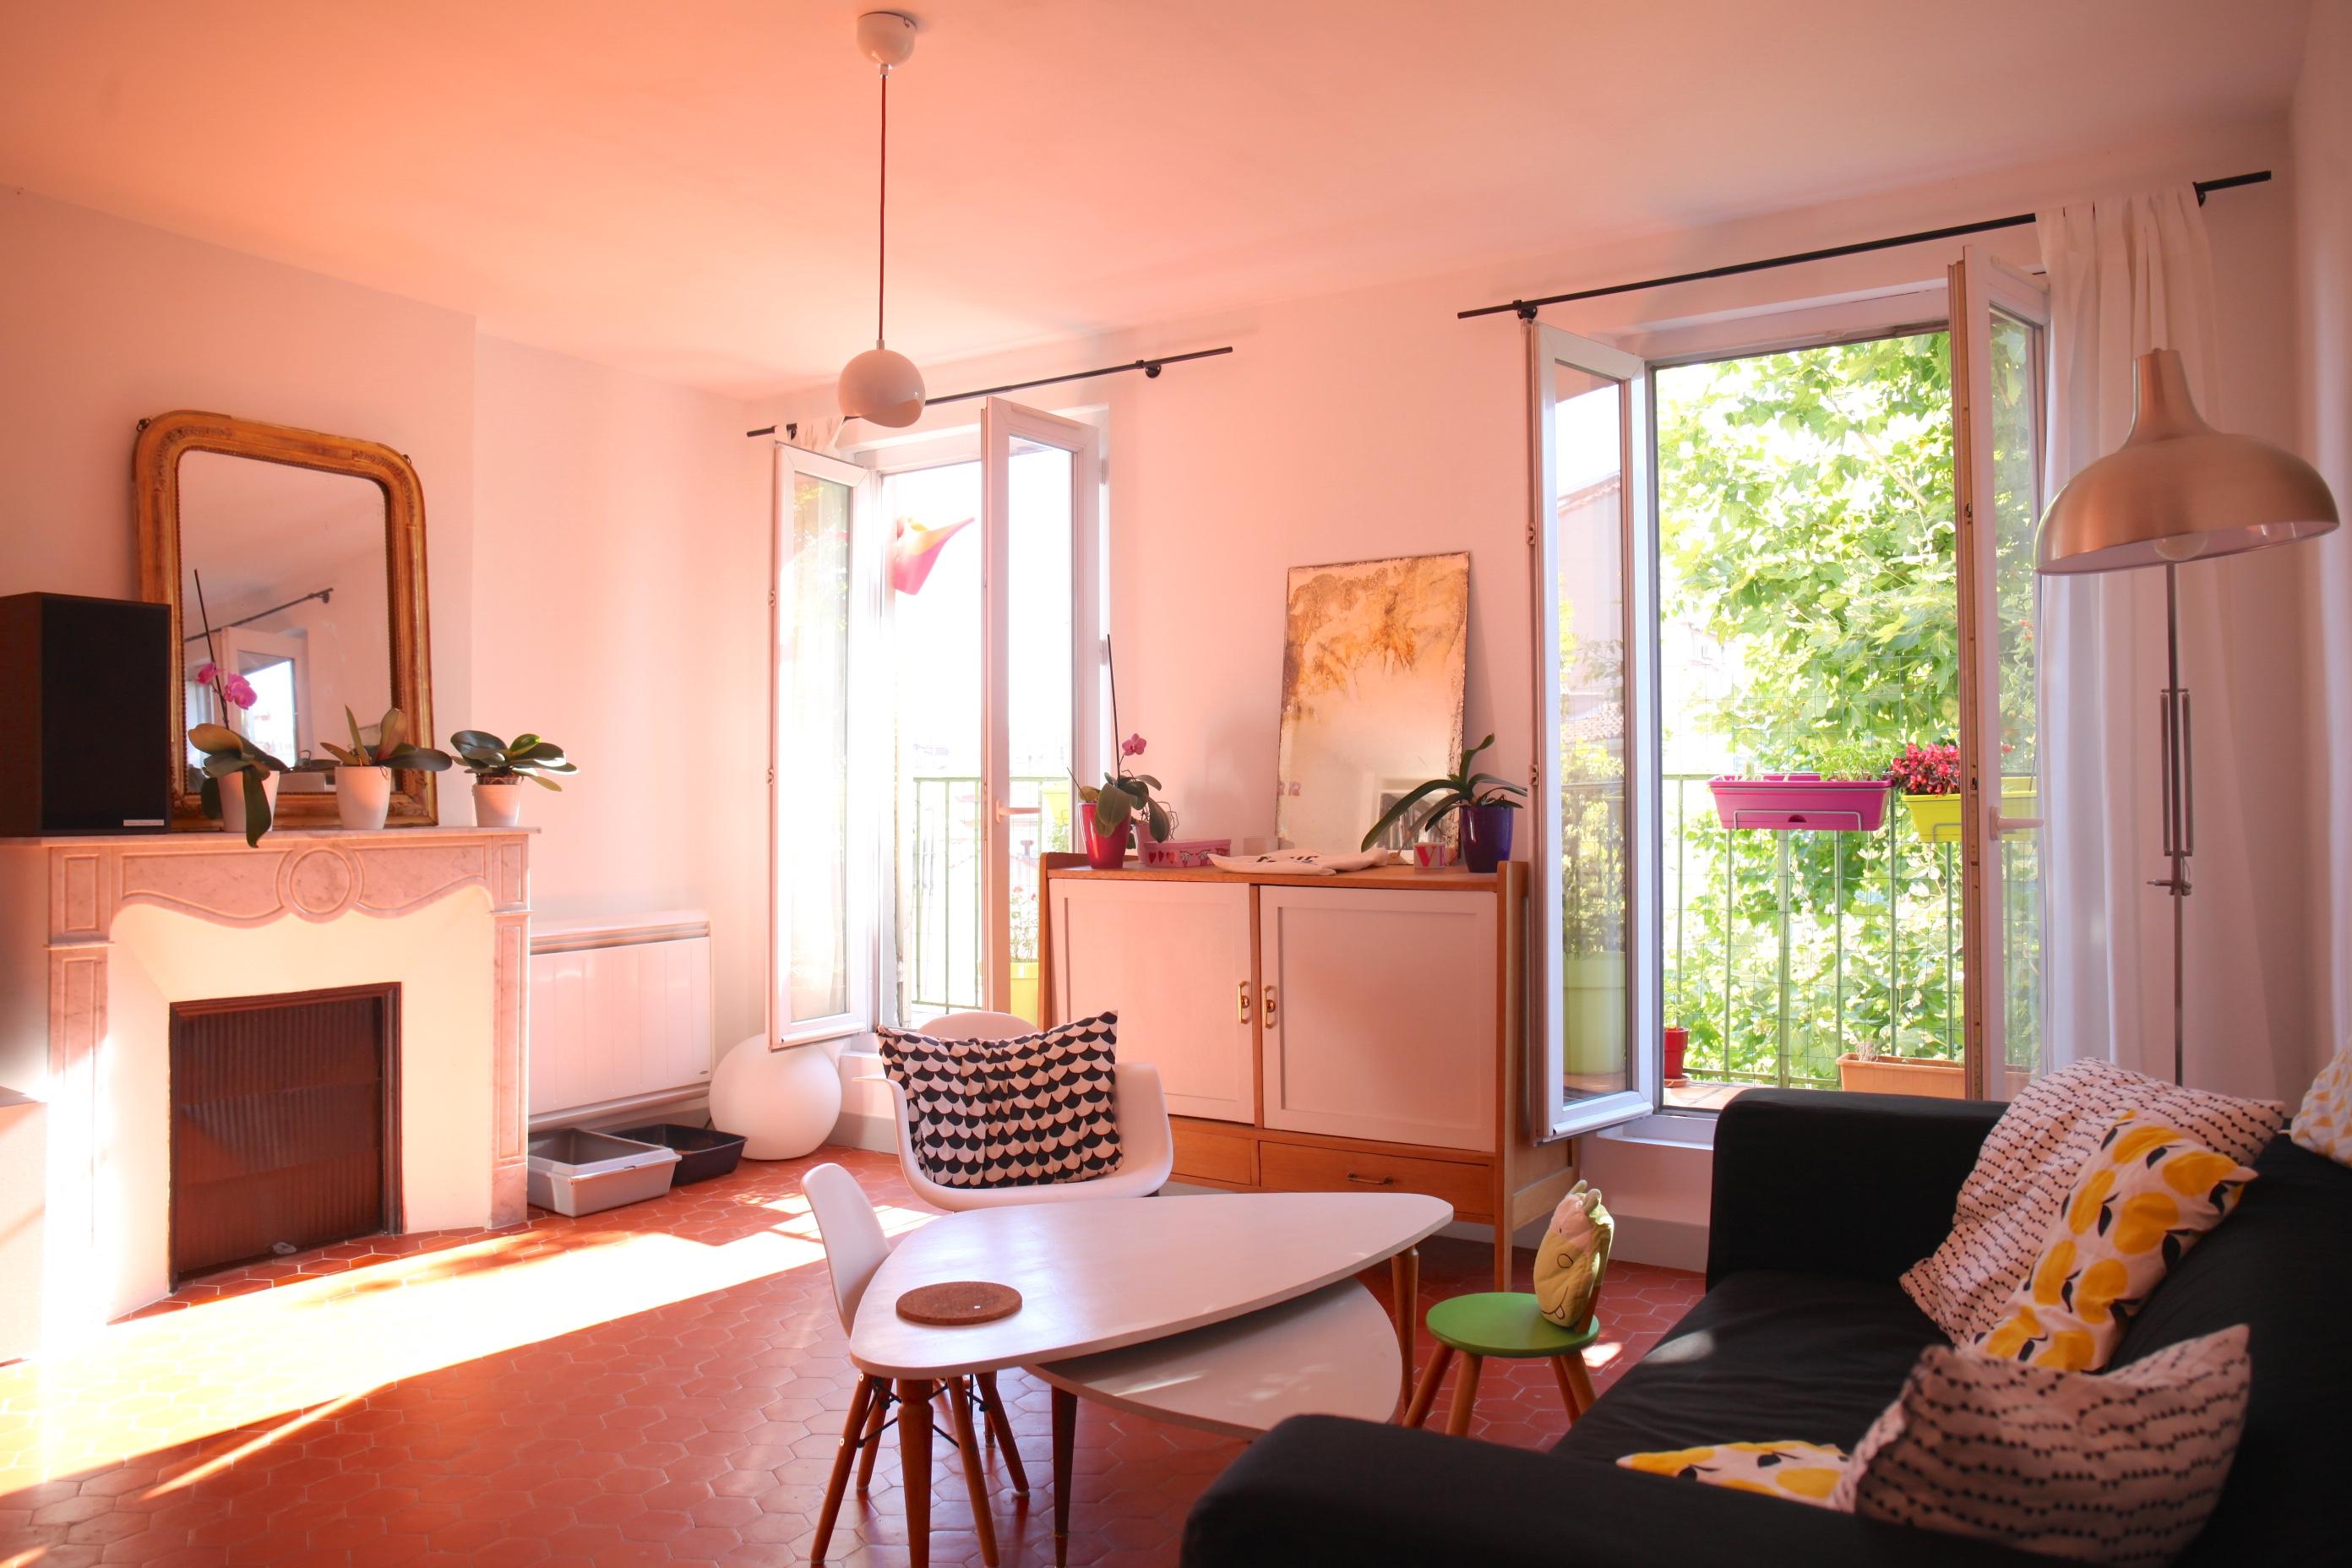 VENDU - Bd E.Pierre - T4 en dernier étage avec balcon & vue - 245 000 €